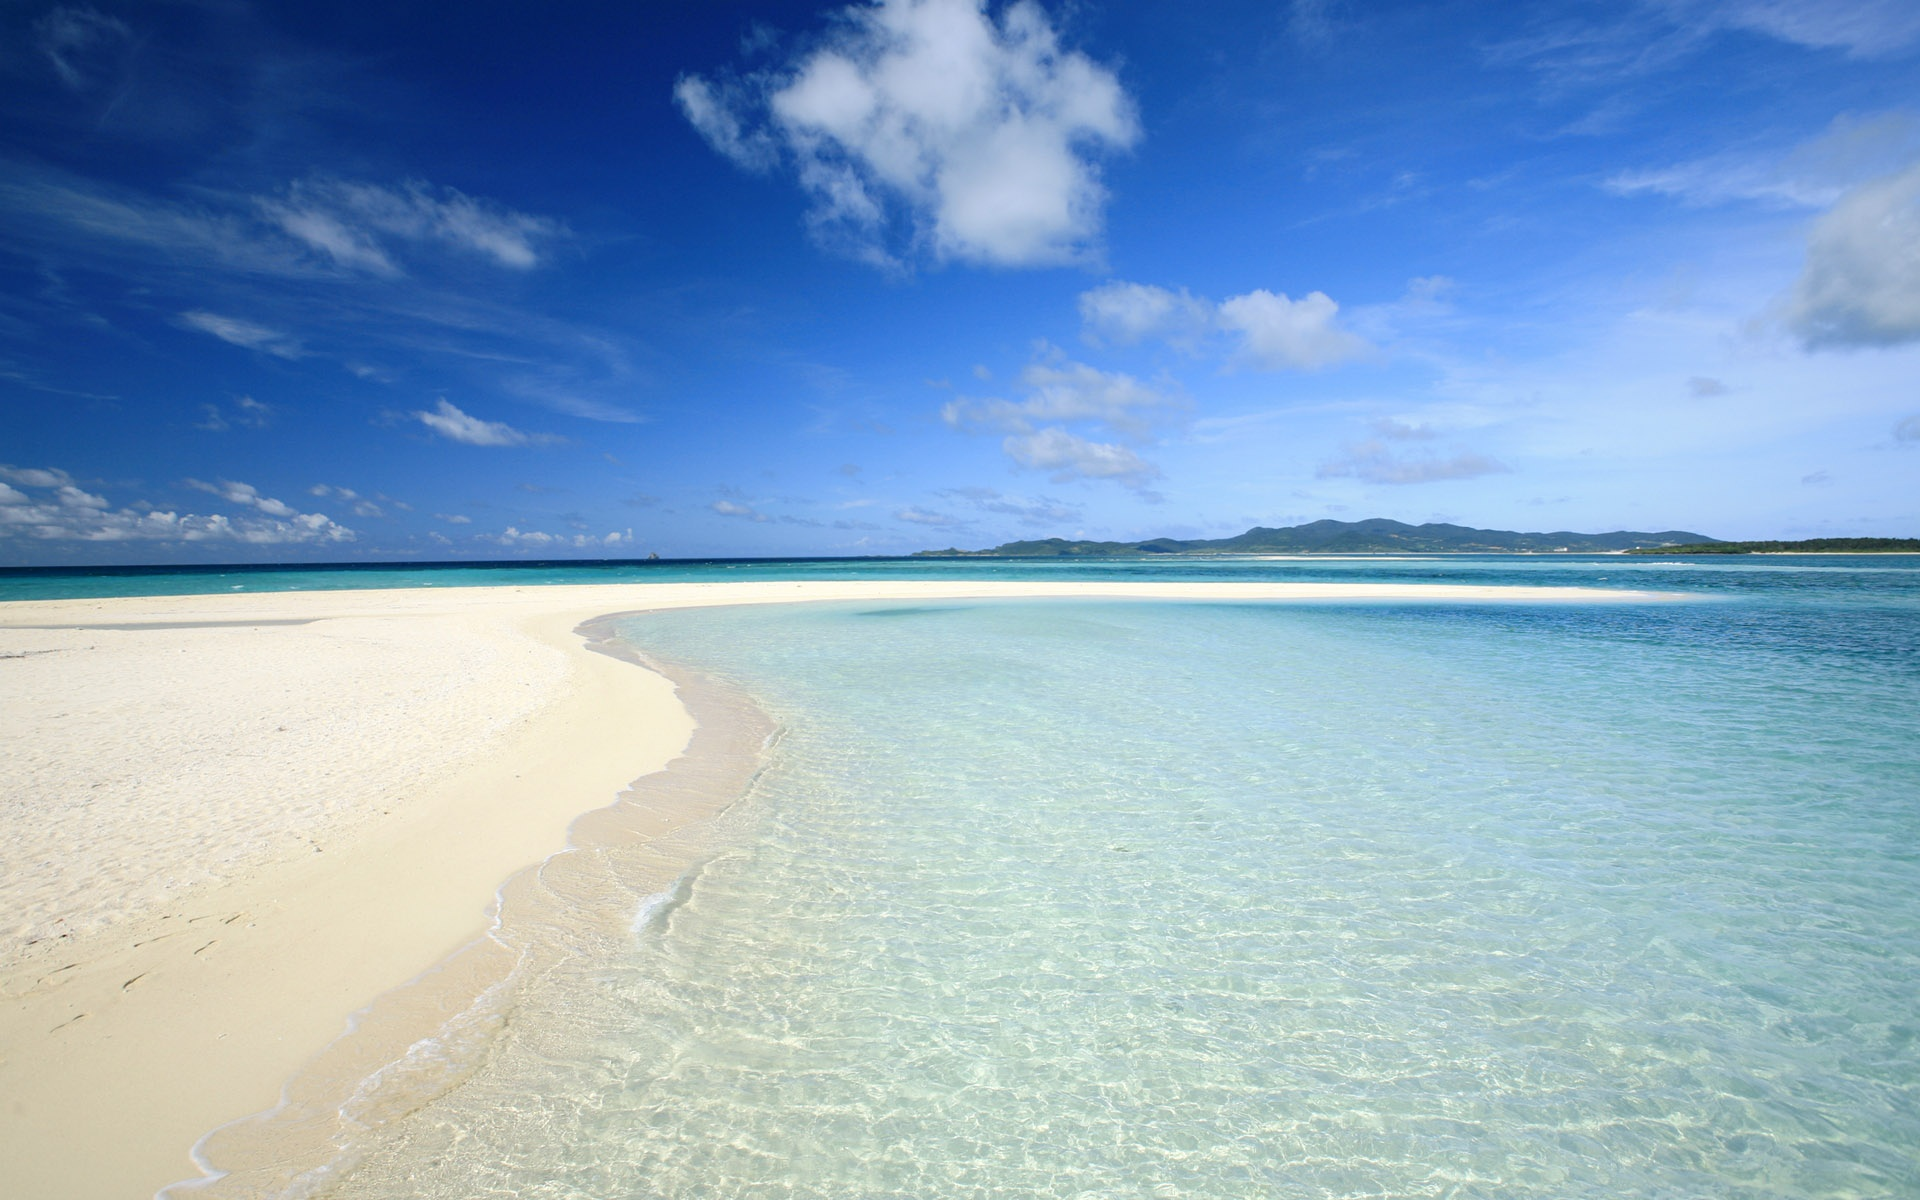 壁紙 海とビーチ 1920x1200 Hd 無料のデスクトップの背景 画像